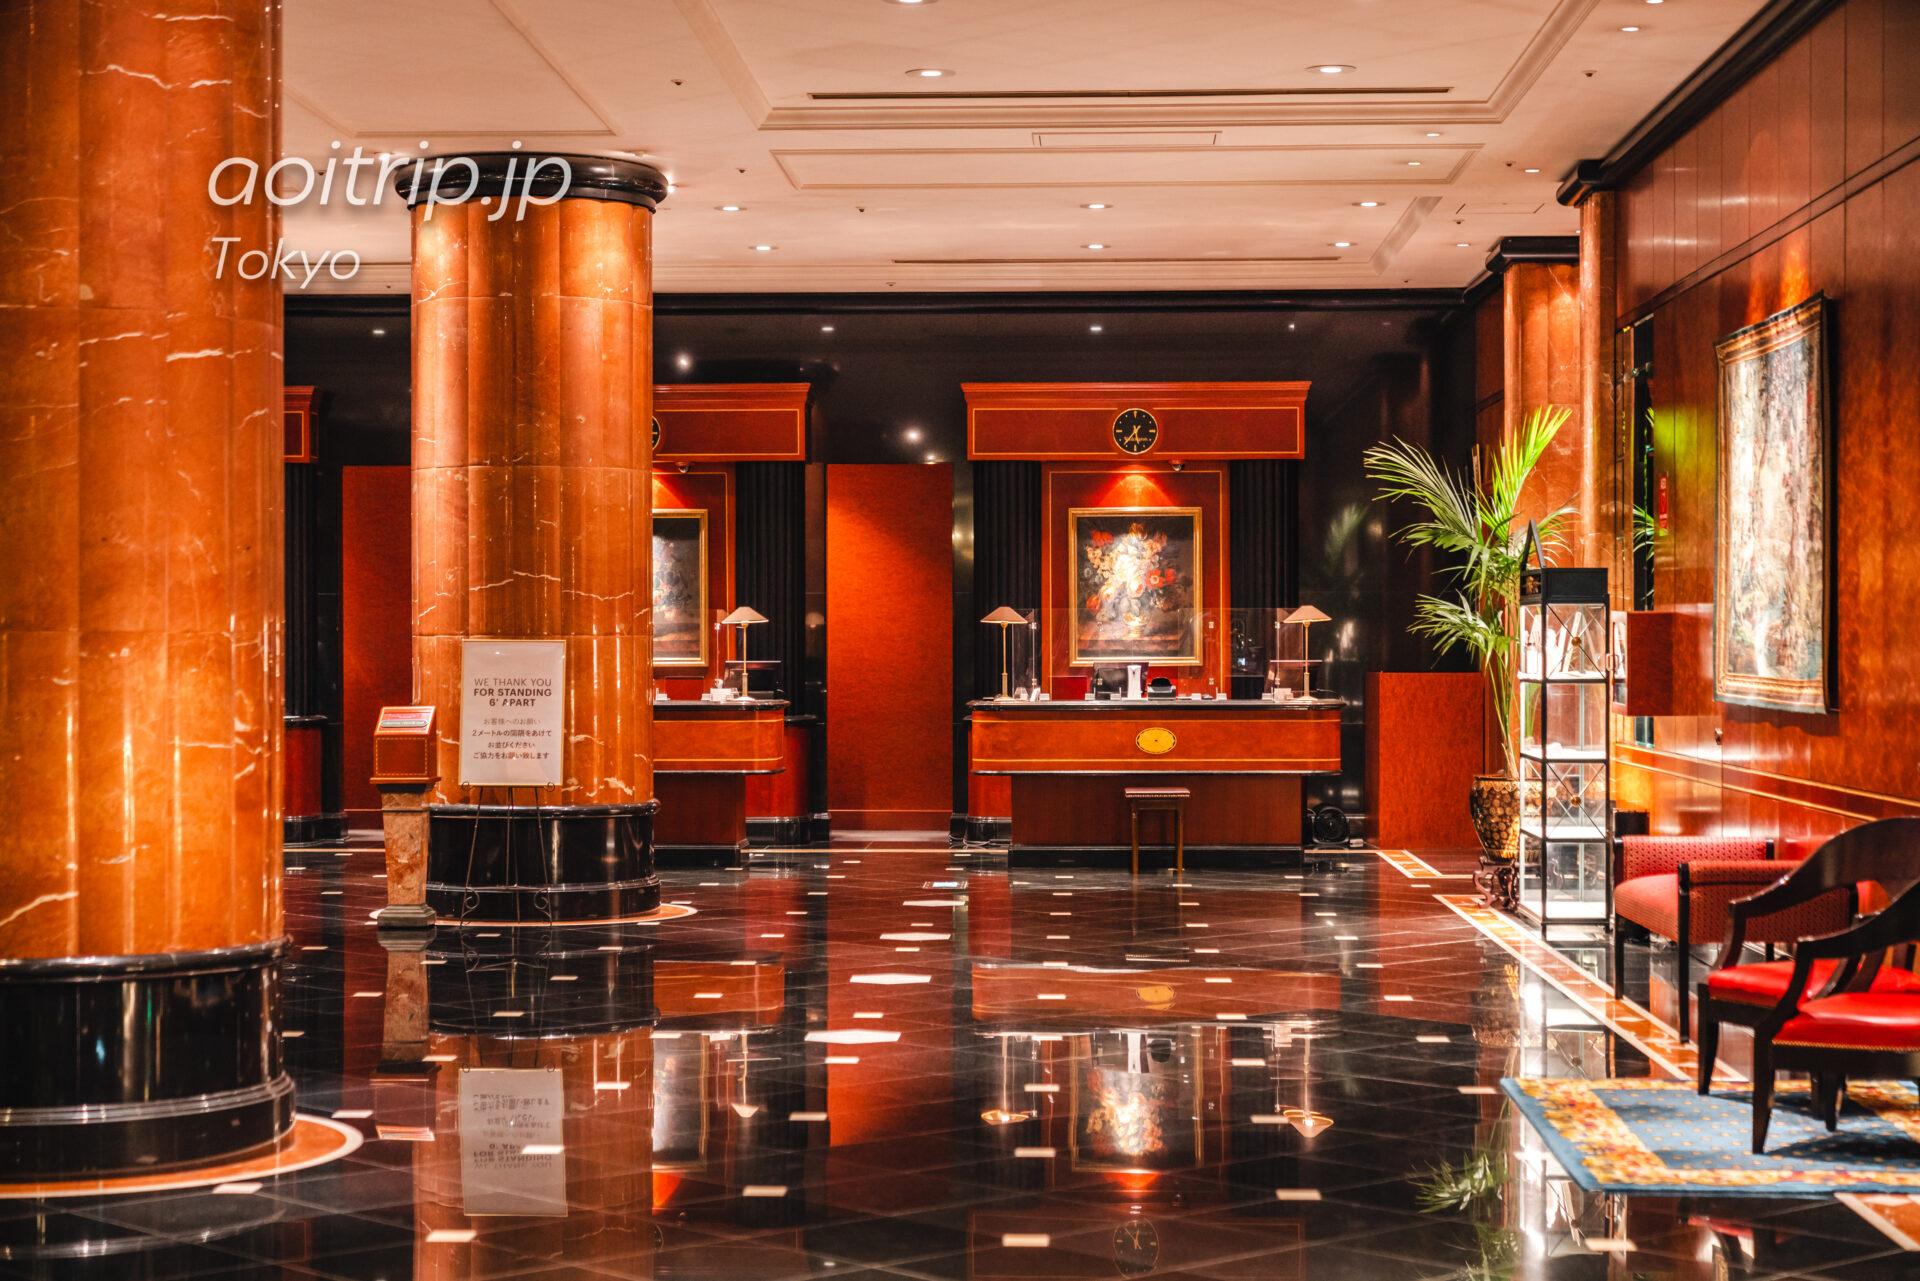 ウェスティンホテル東京 宿泊記|The Westin Tokyo ホテルのロビー、レセプション